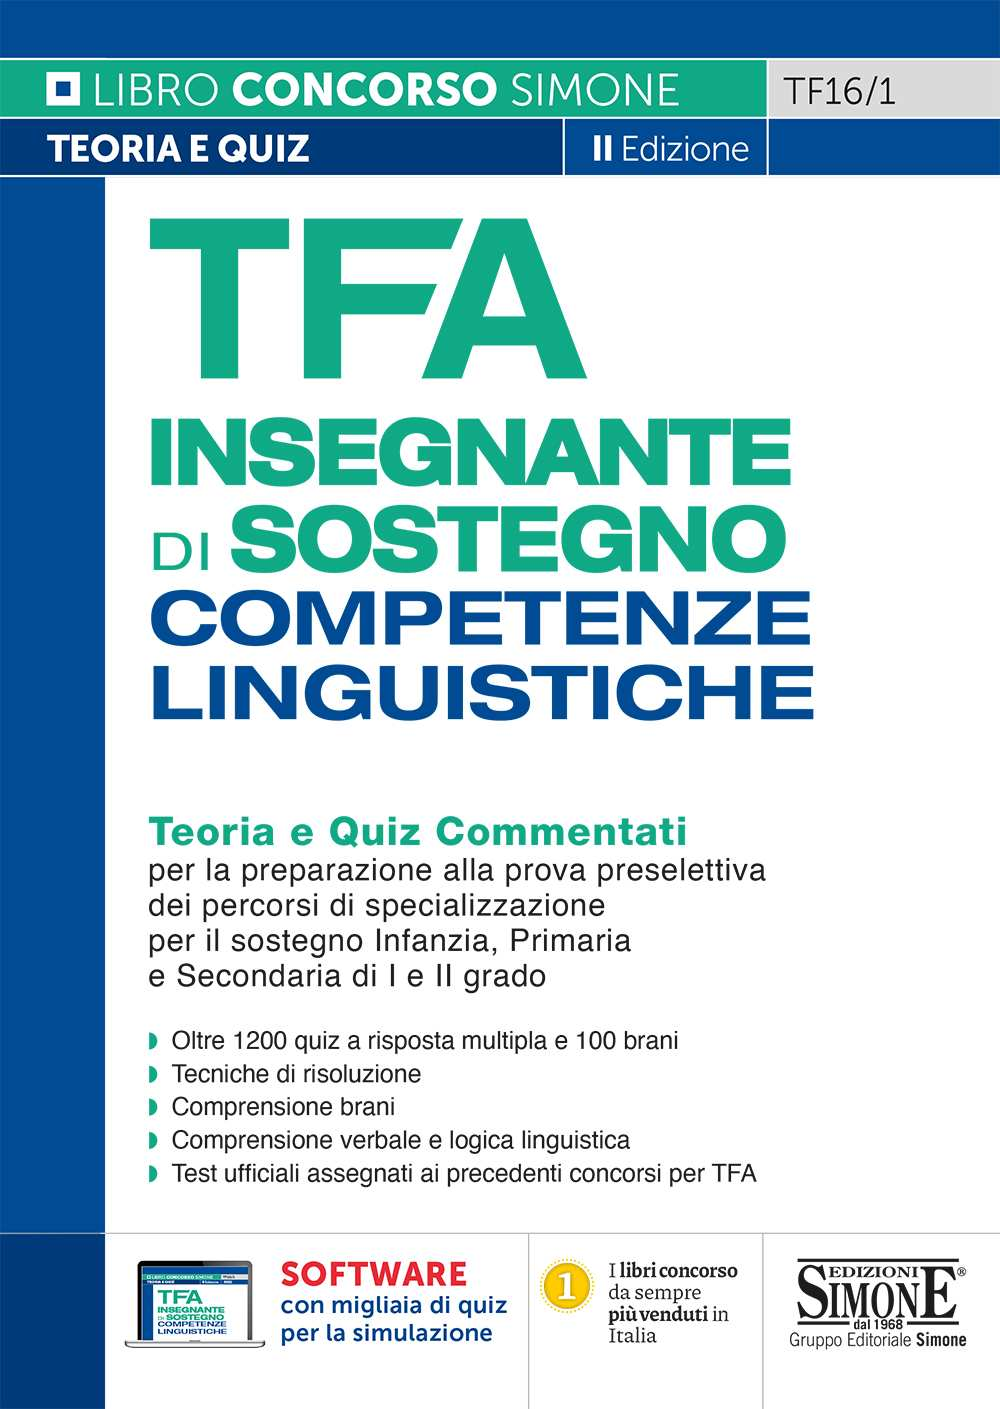 Tfa Competenze linguistiche